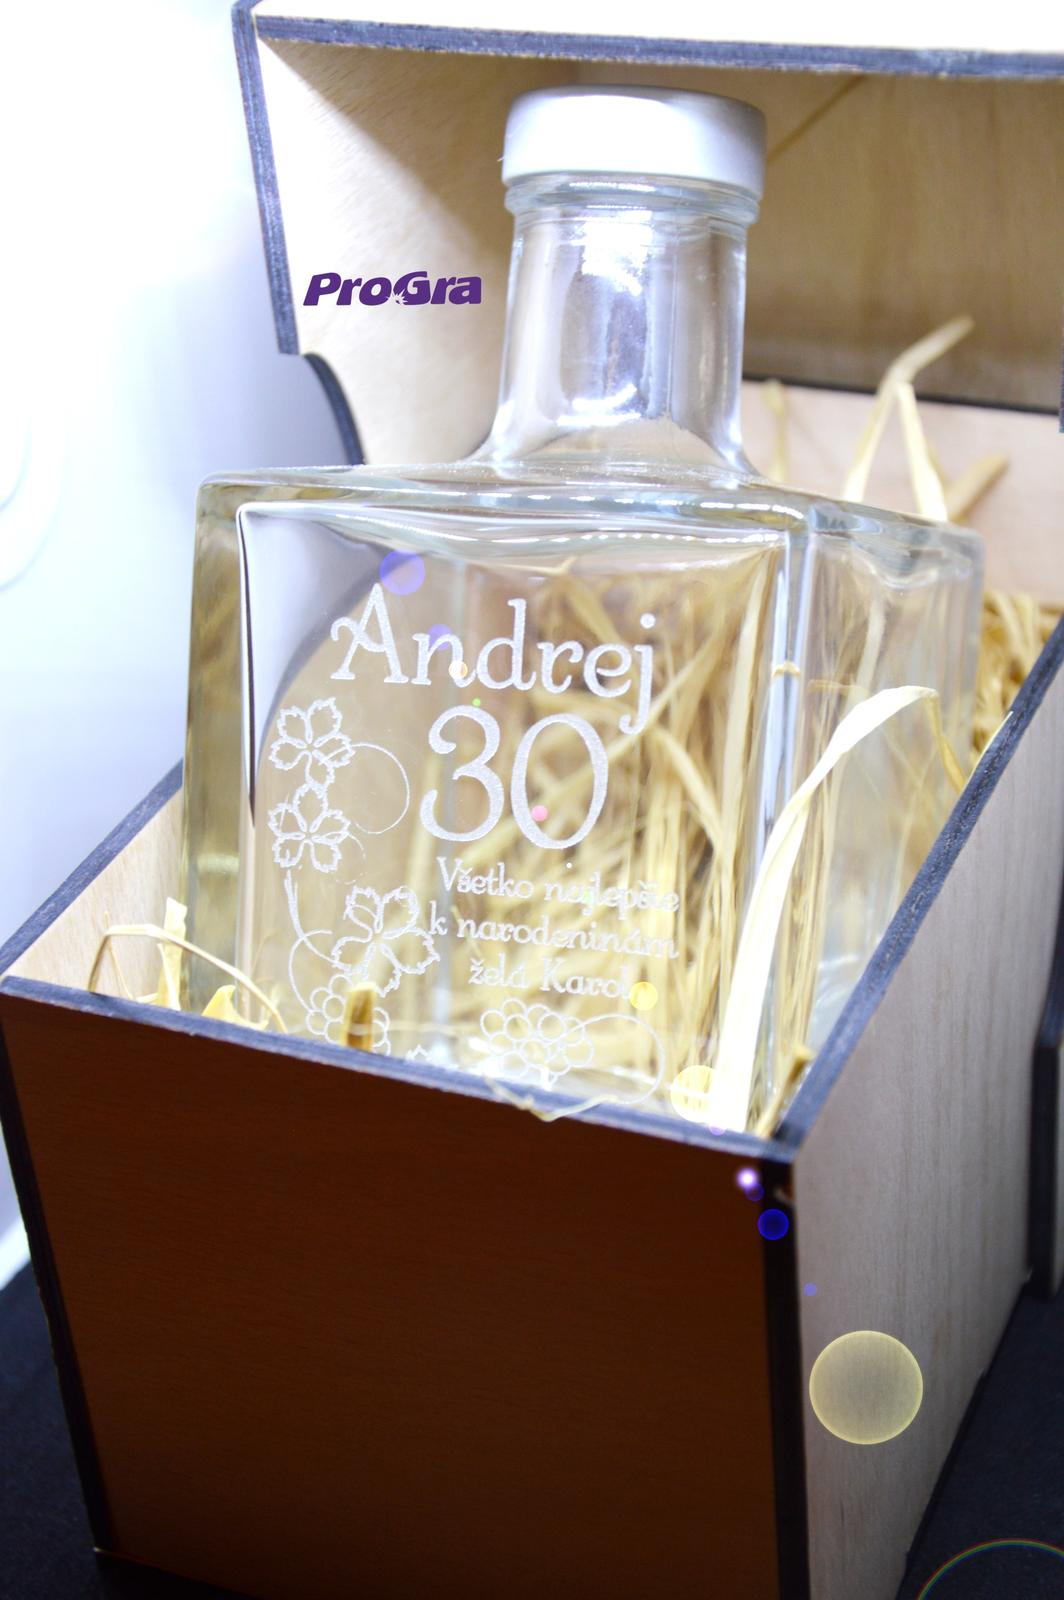 Po svadbičke - krásny darčekový gravírovaný set - elegantná kockatá sklená fľaša v drevenej krabičke